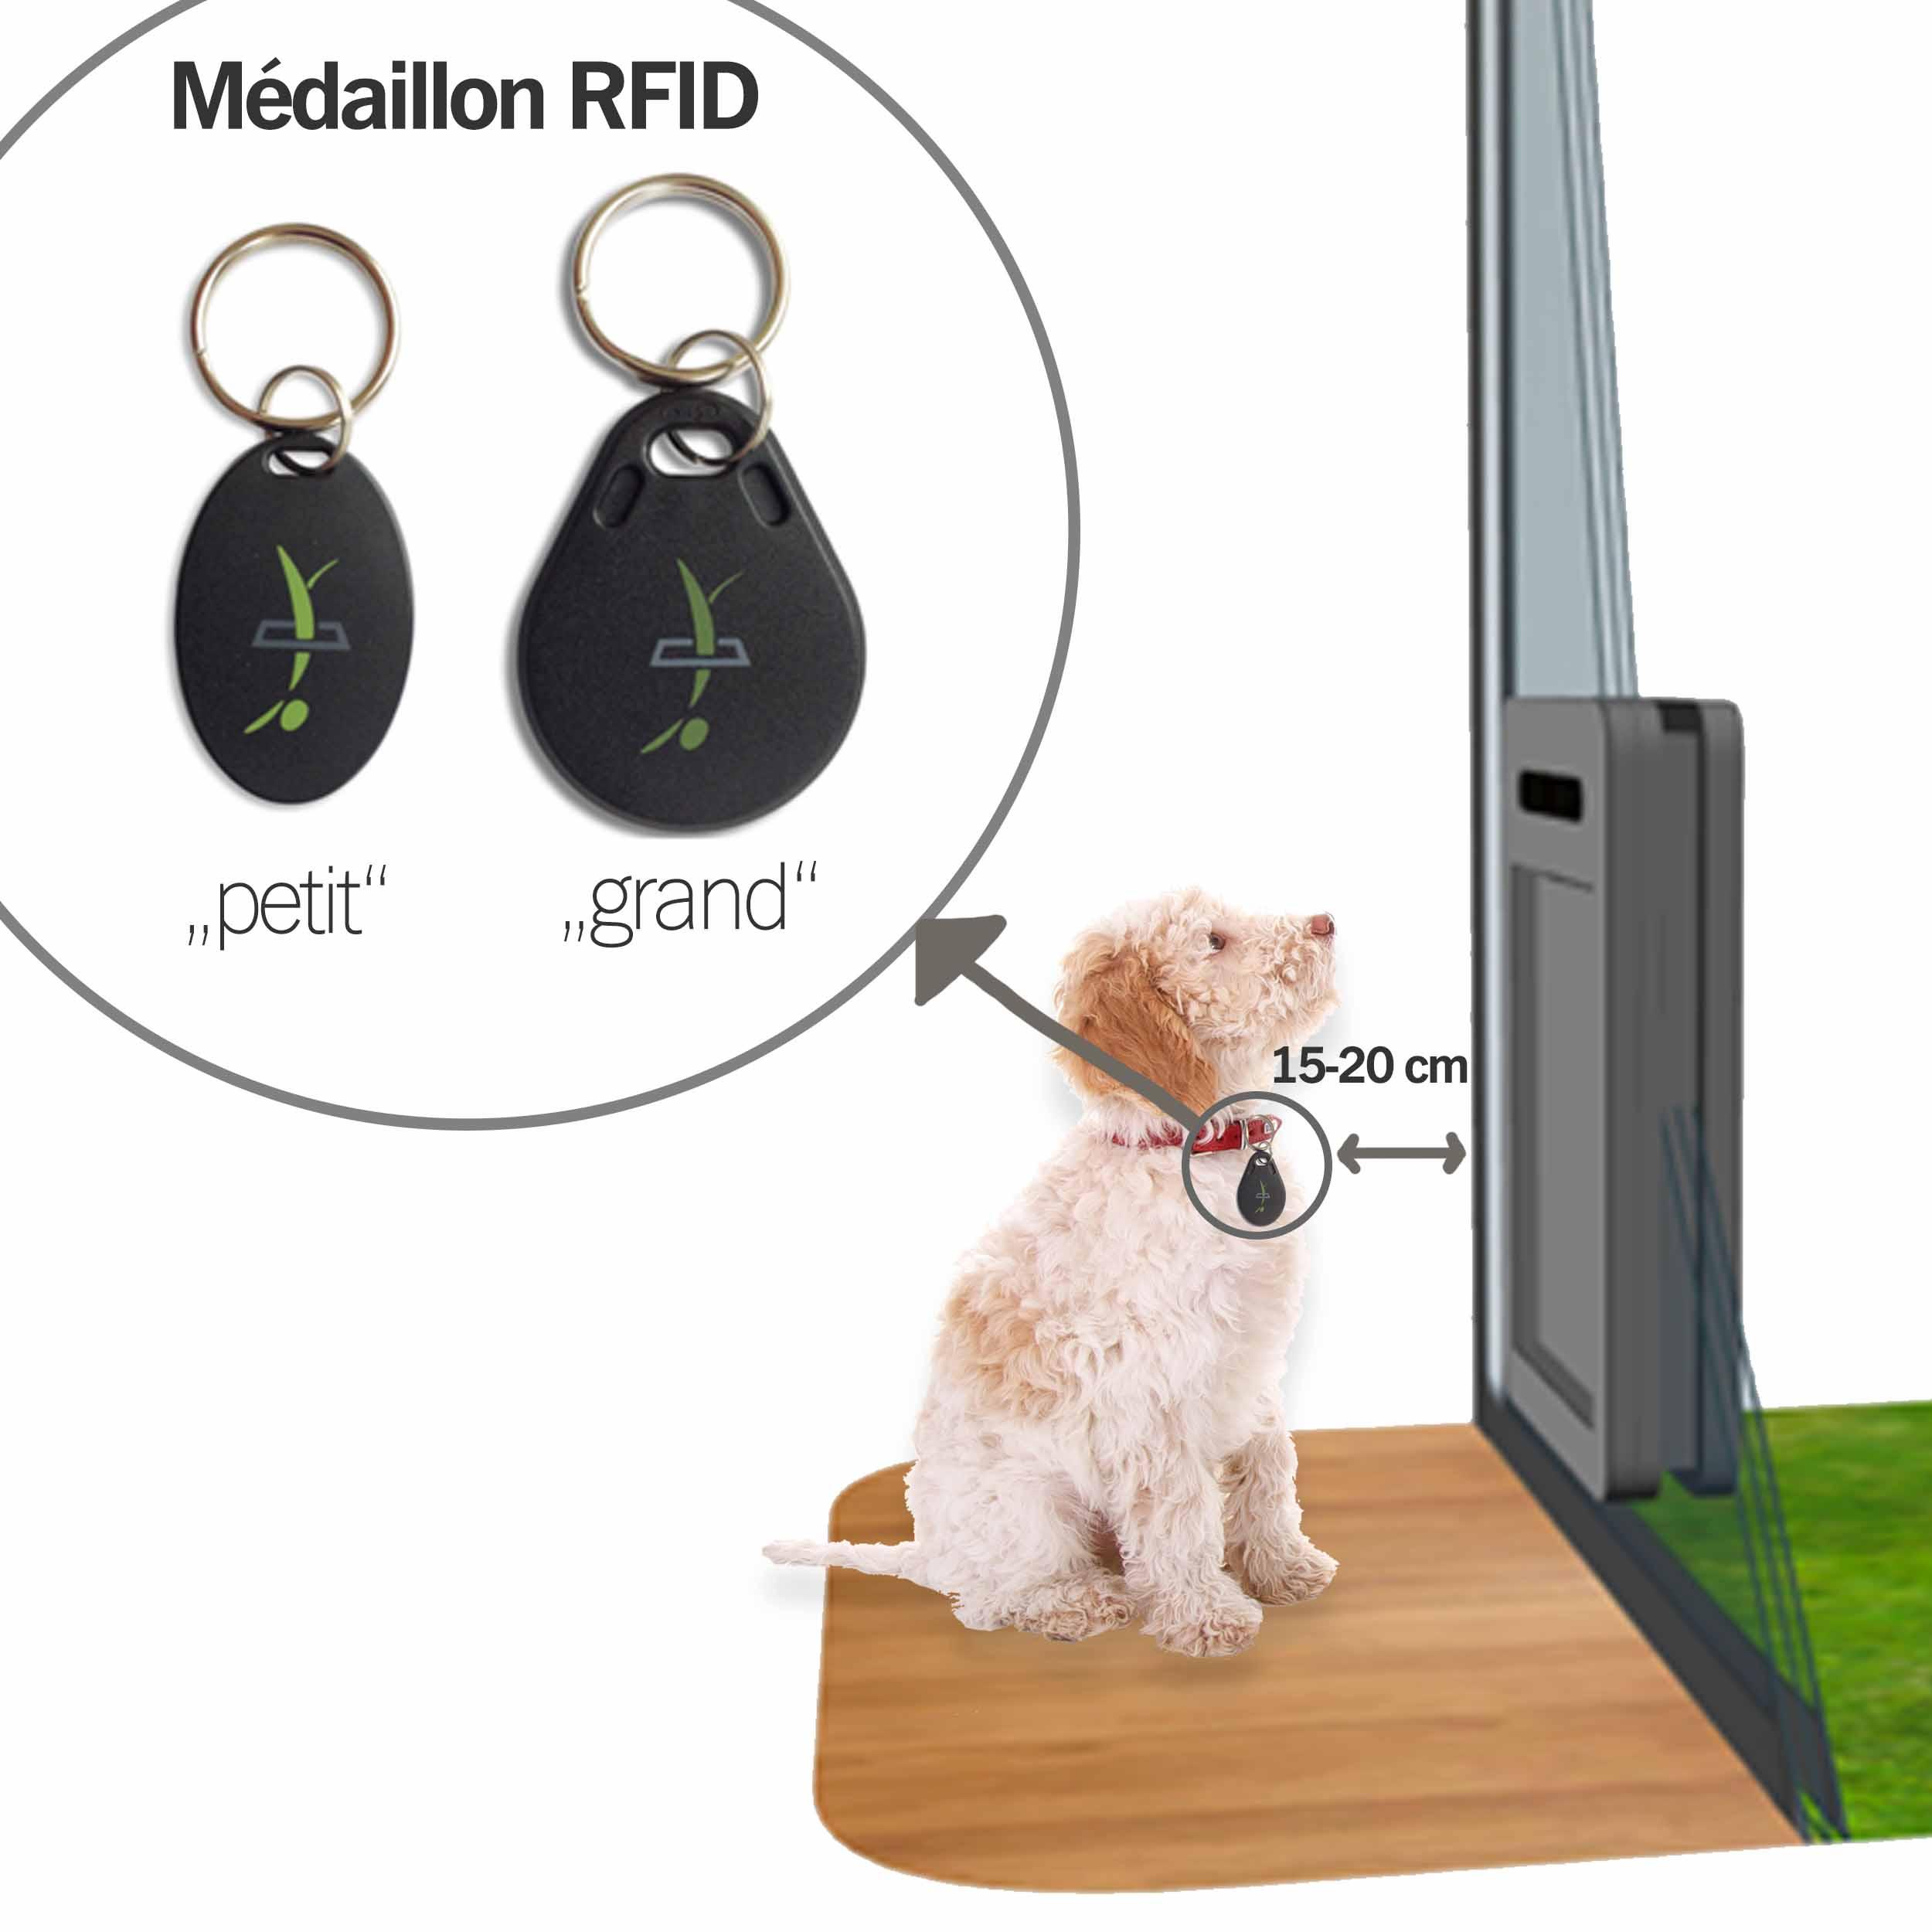 Puces RFID – Leurs fonctions et les différences entre les médaillons et les puces implantées